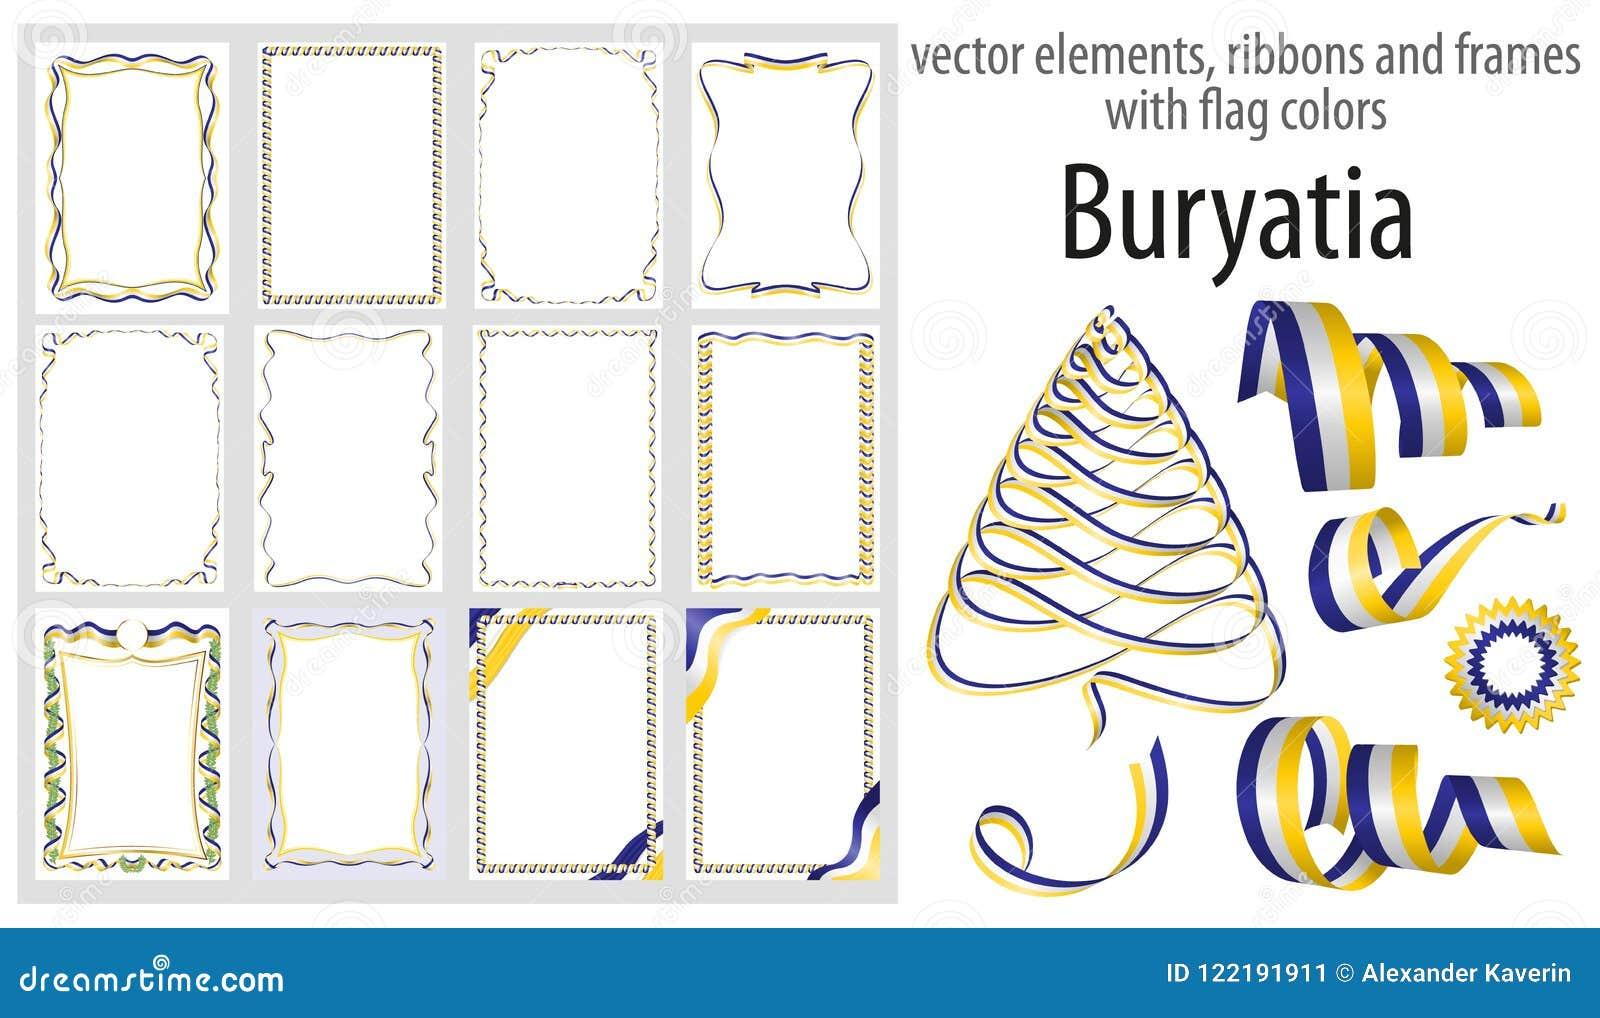 Contemporary Frame For Flag And Certificate Festooning - Framed Art ...